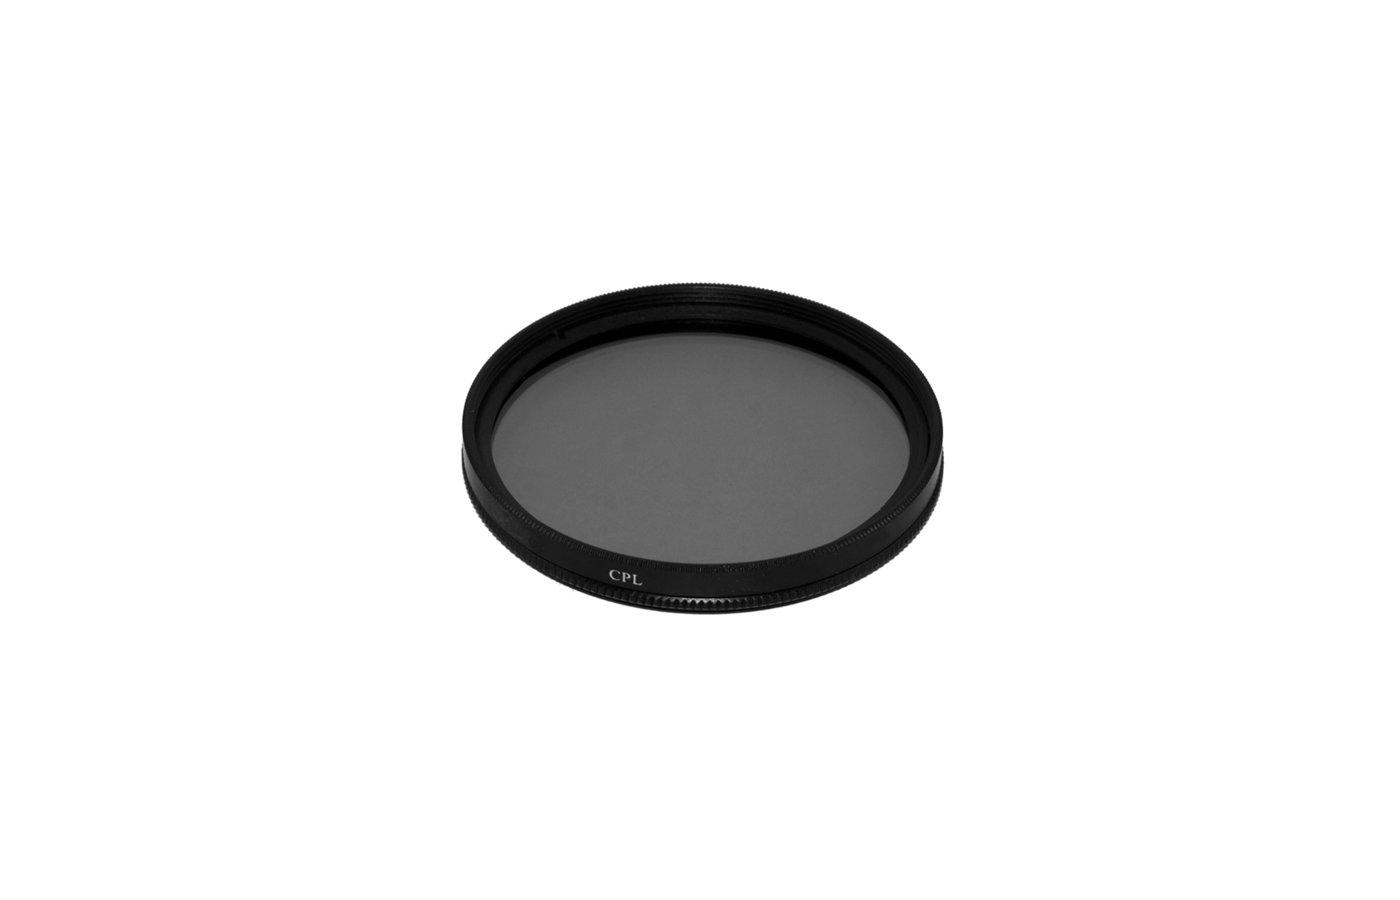 Фильтр DigiCare 72mm CPL поляризационный